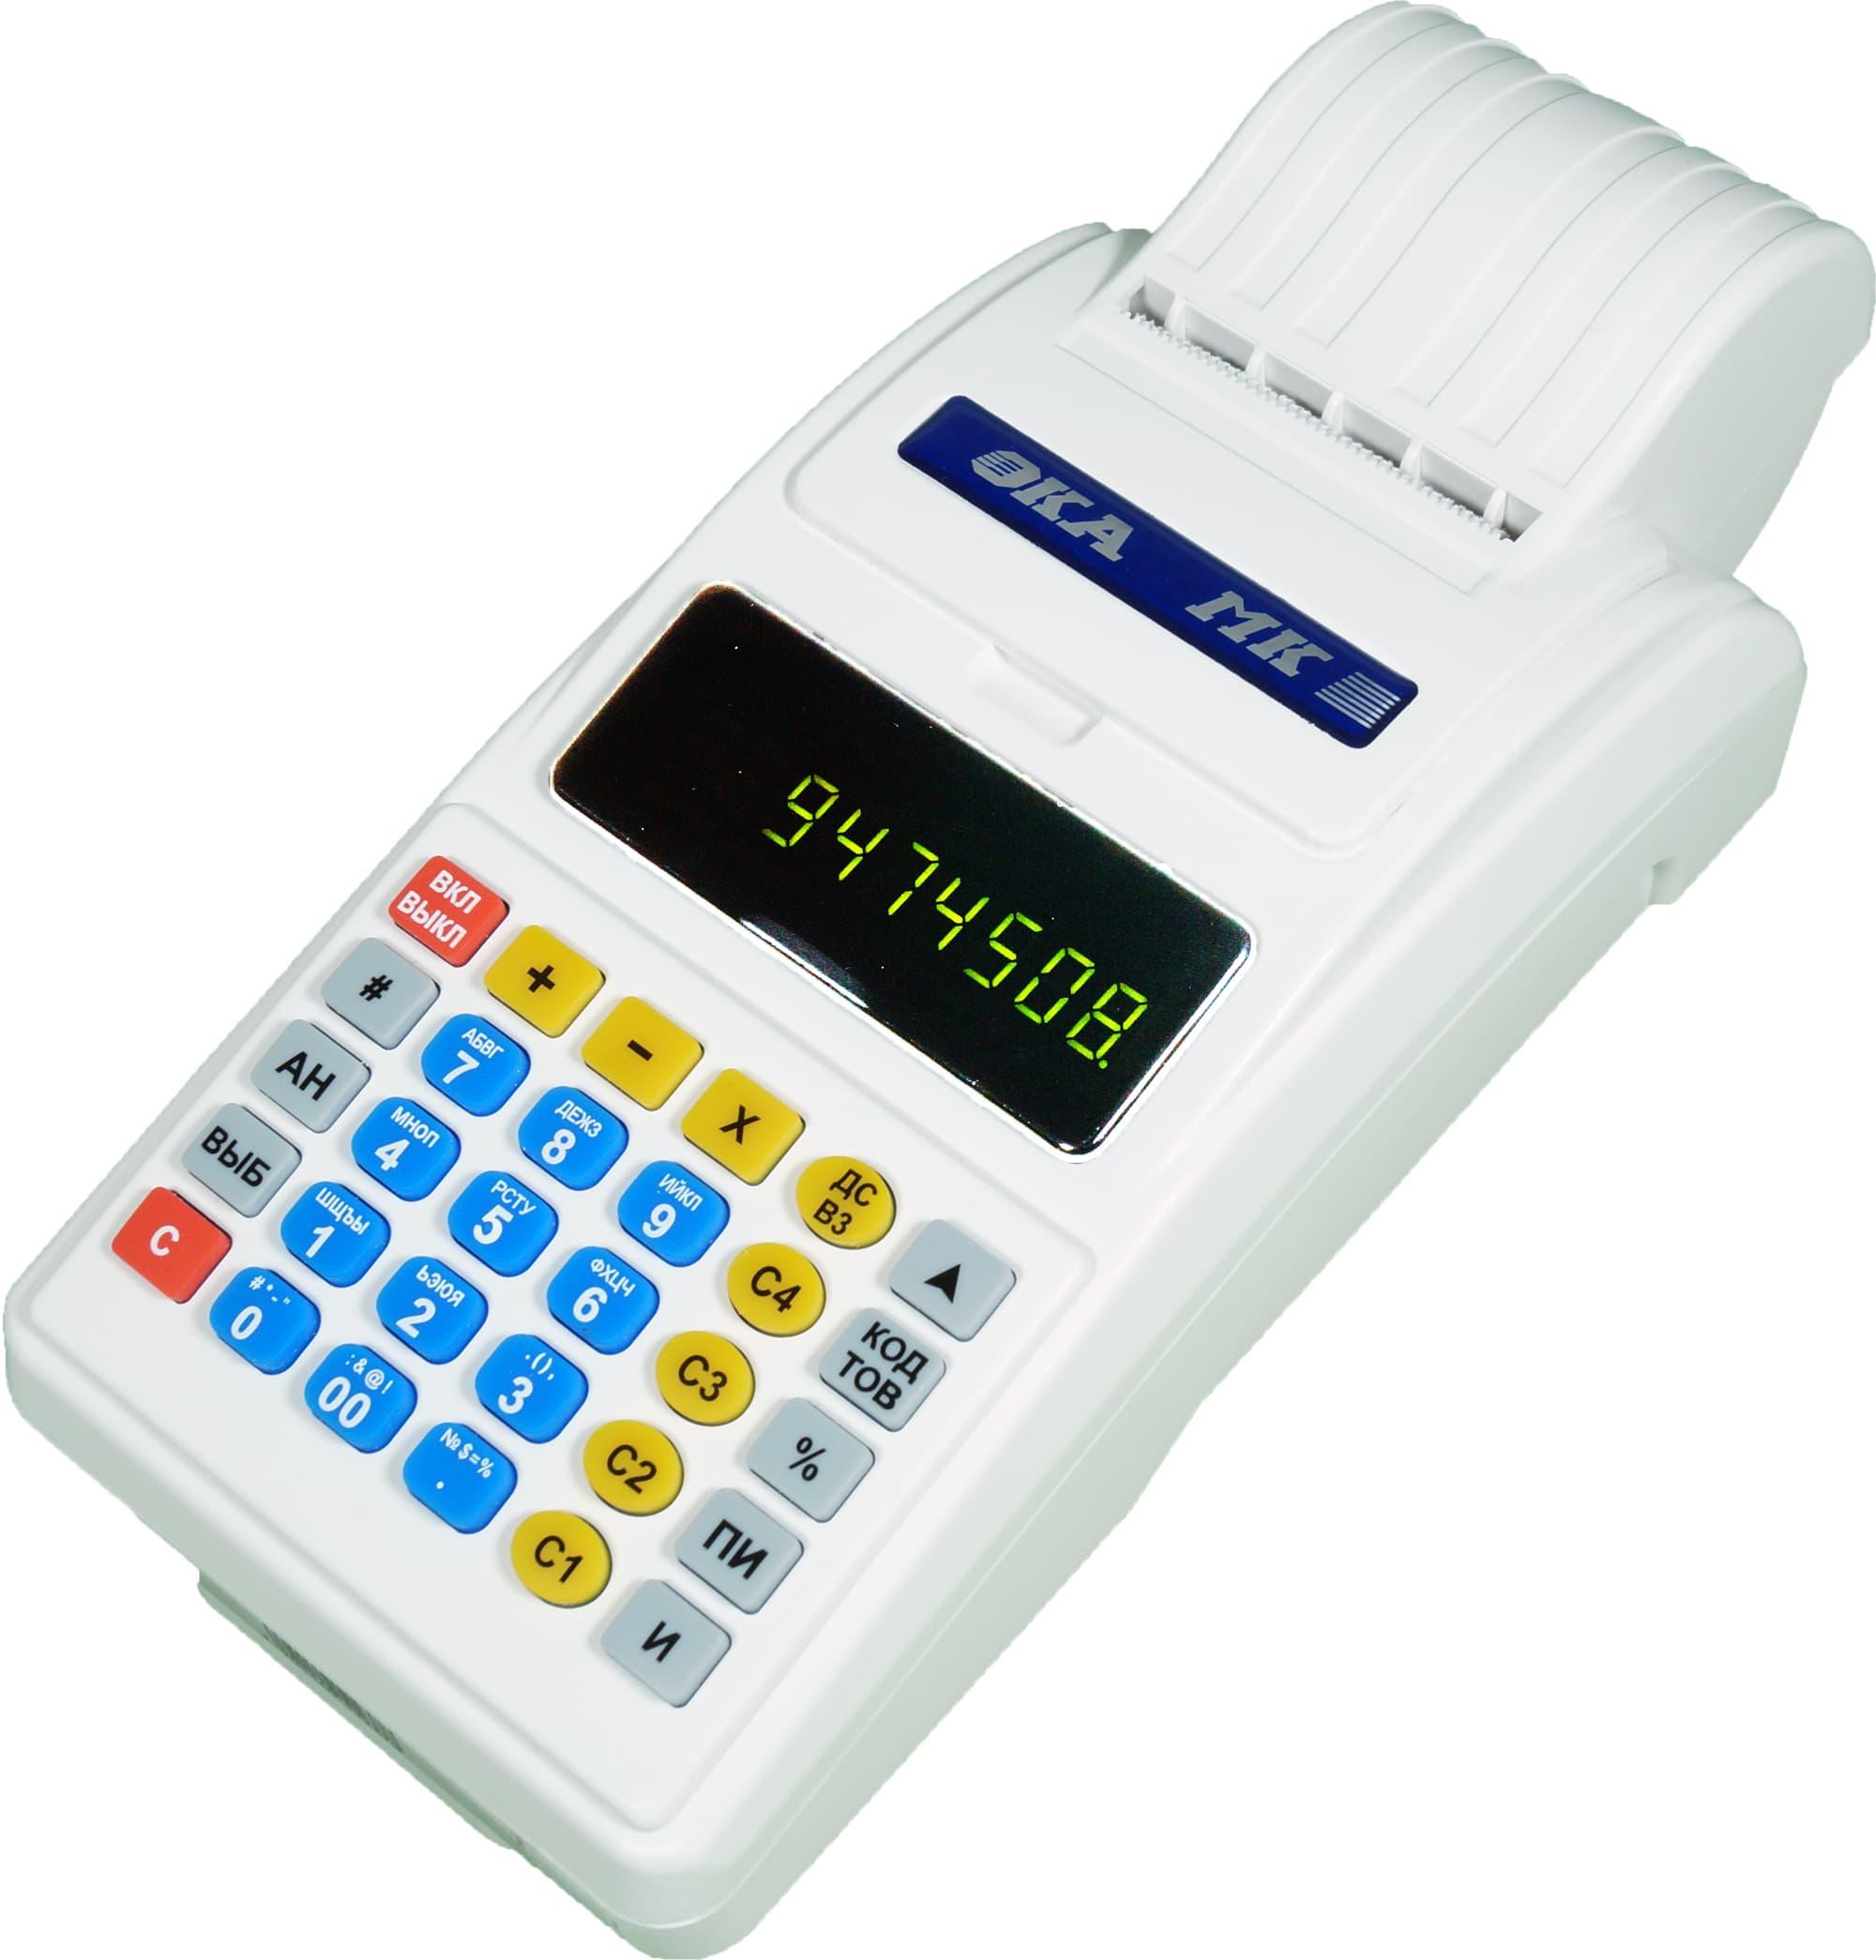 Кассовый аппарат штрих мини к версия 01 инструкция по использованию